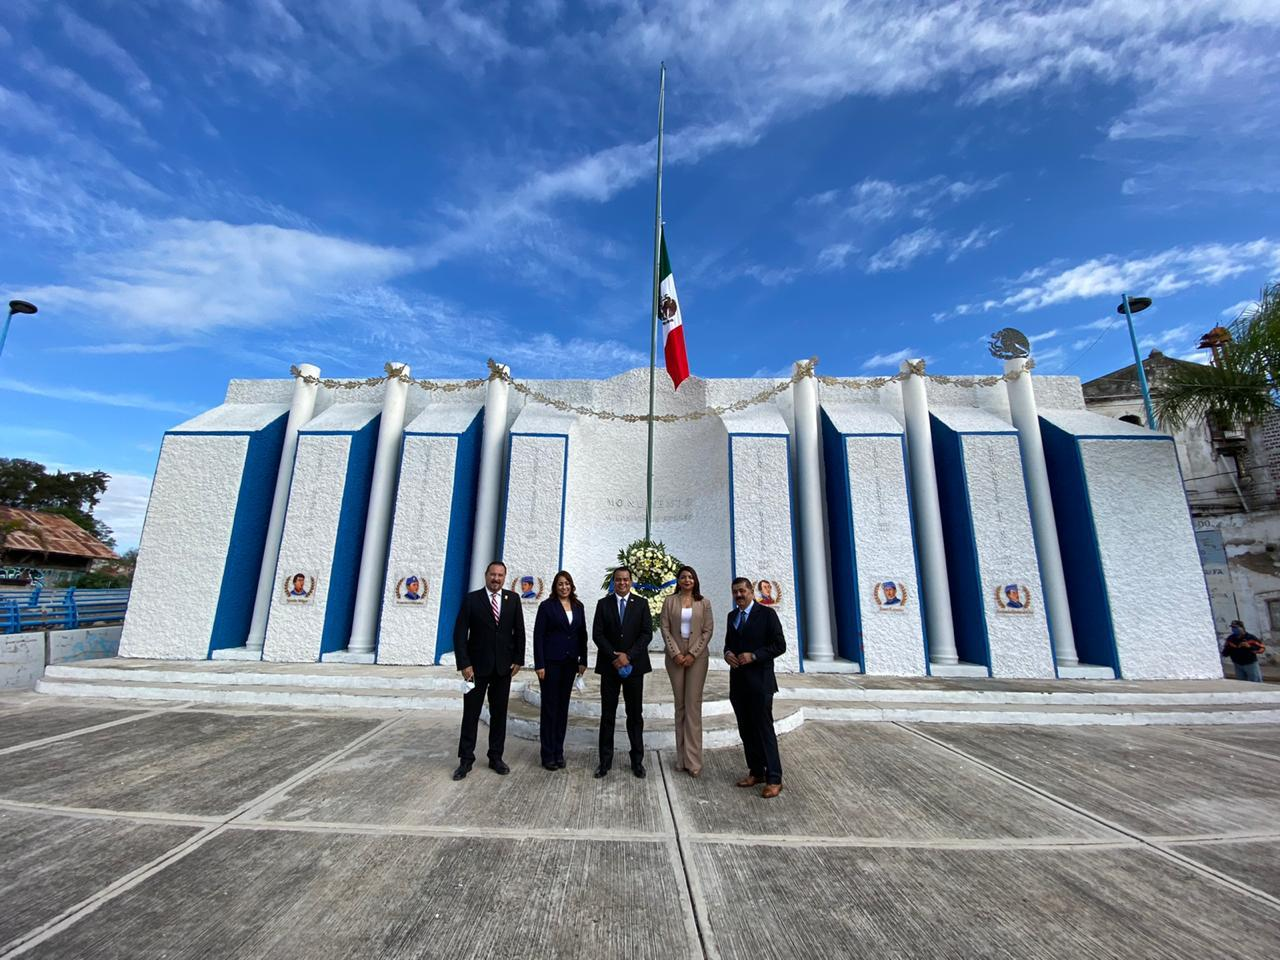 Conmemoran el 173 Aniversario de la Gesta de los Niños Héroes en castillo de Chapultepec